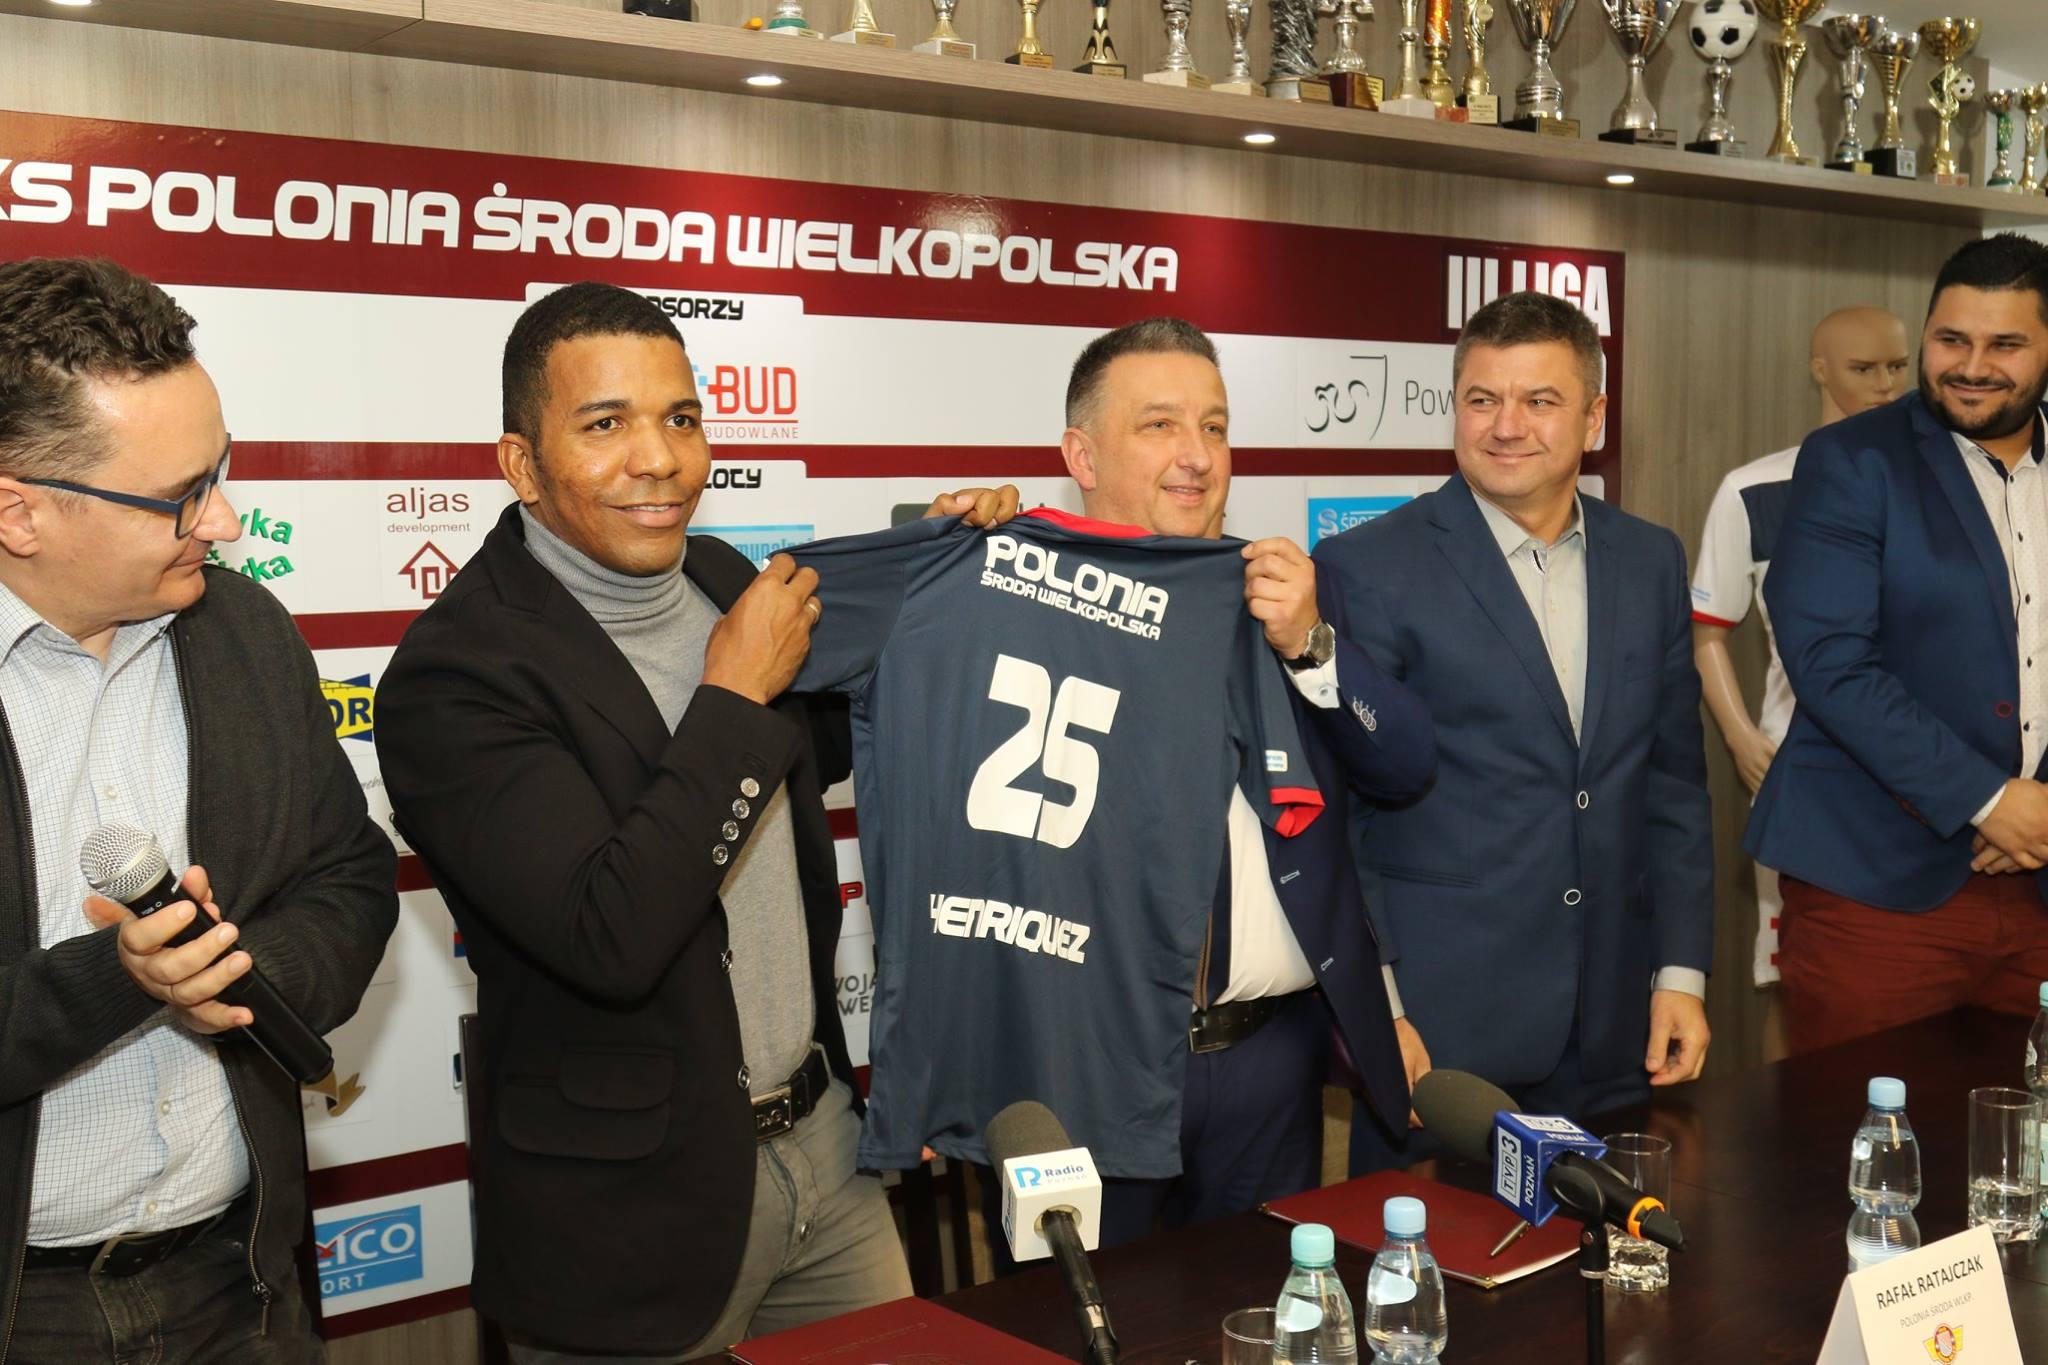 henriquez - www.facebook.com/poloniasroda/